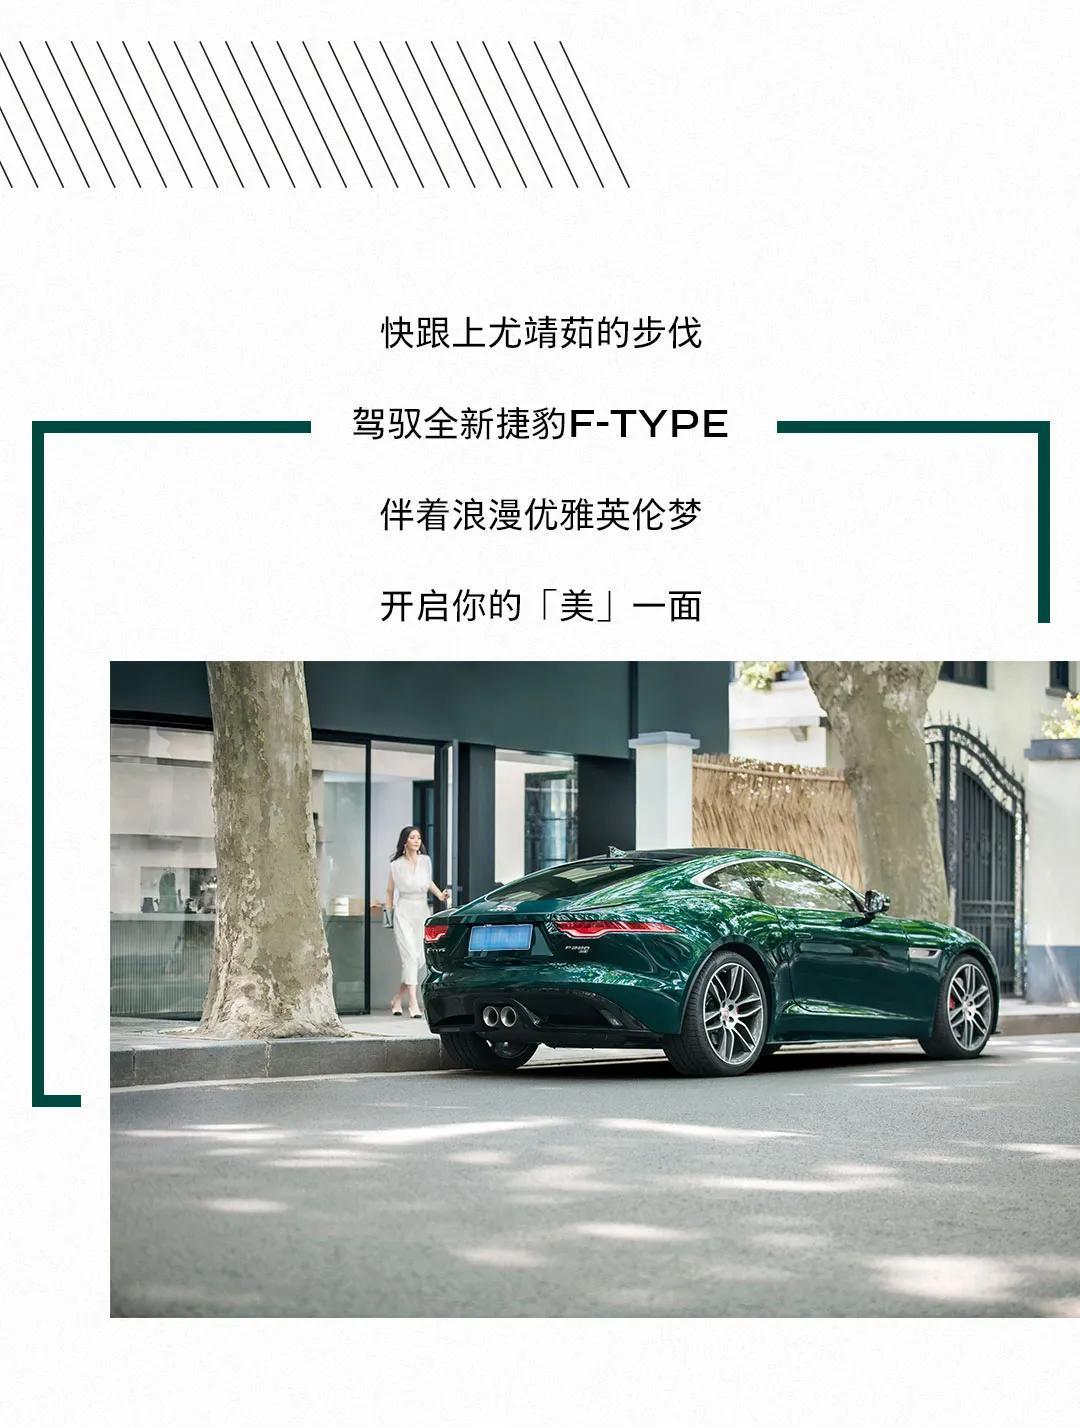 开启你的美一面 #全新捷豹F-TYPE# #尤靖茹#